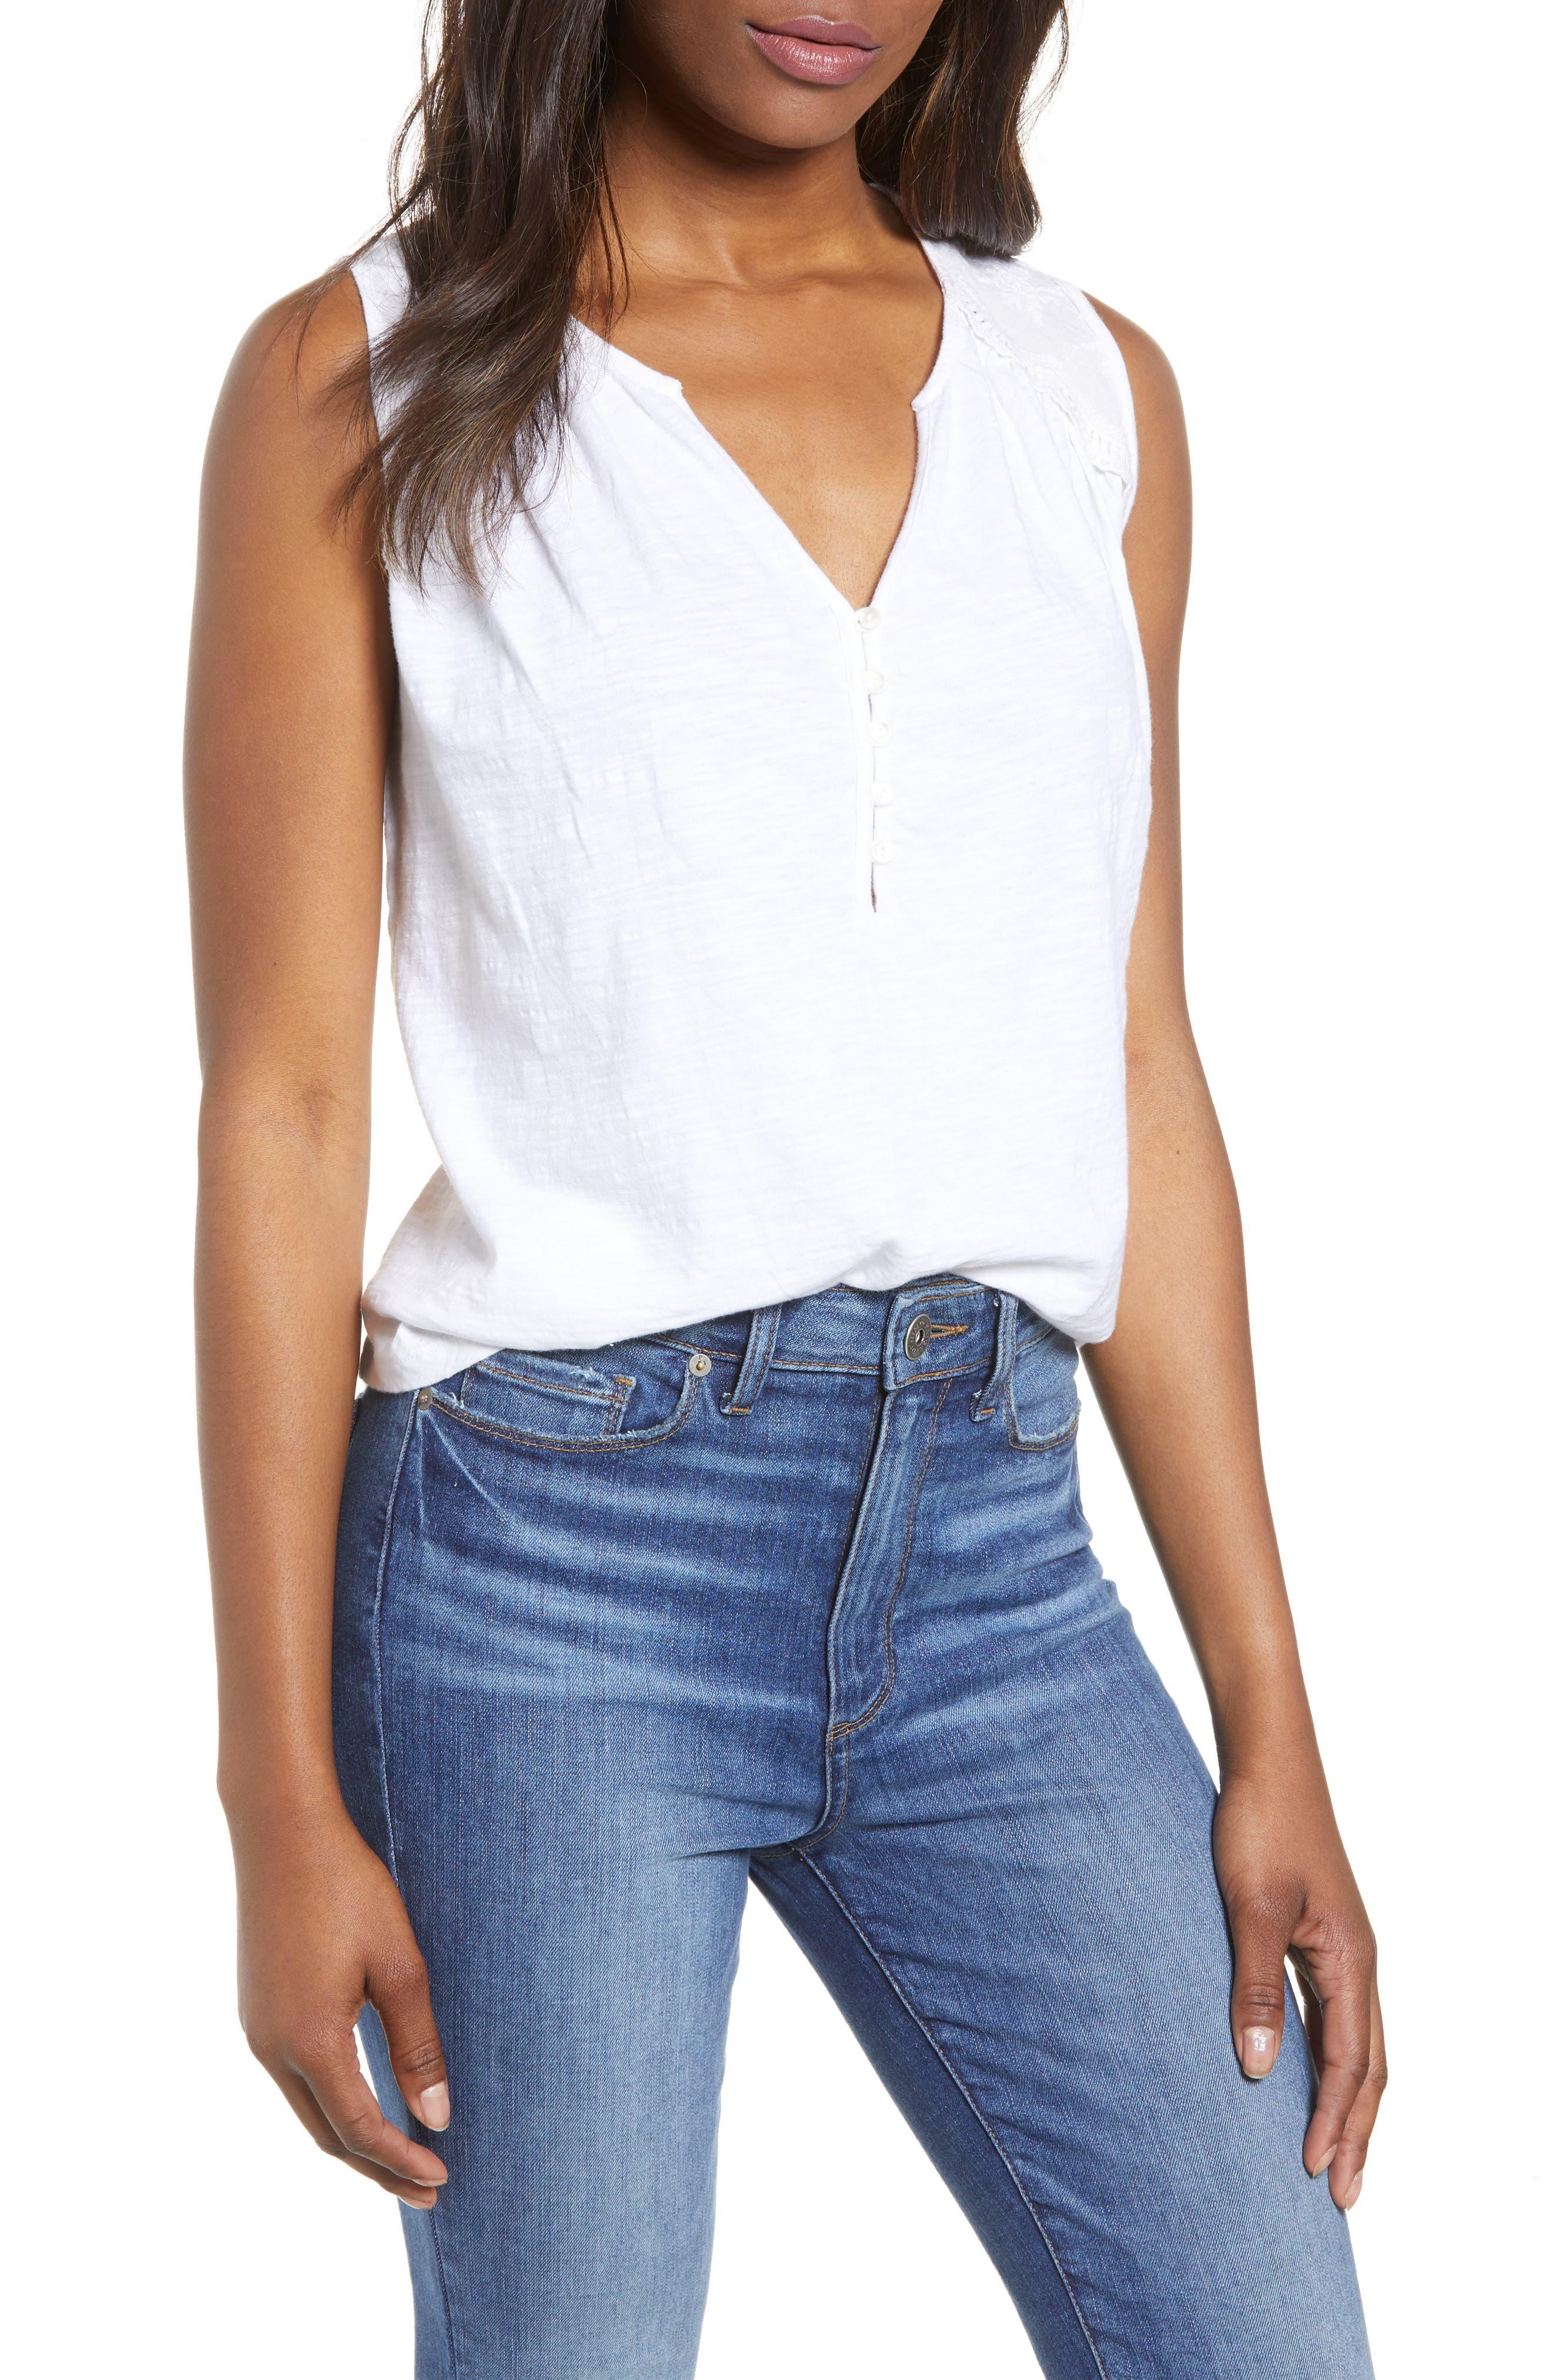 a910a039d4e523 Women's Lucky Brand Tops | Nordstrom